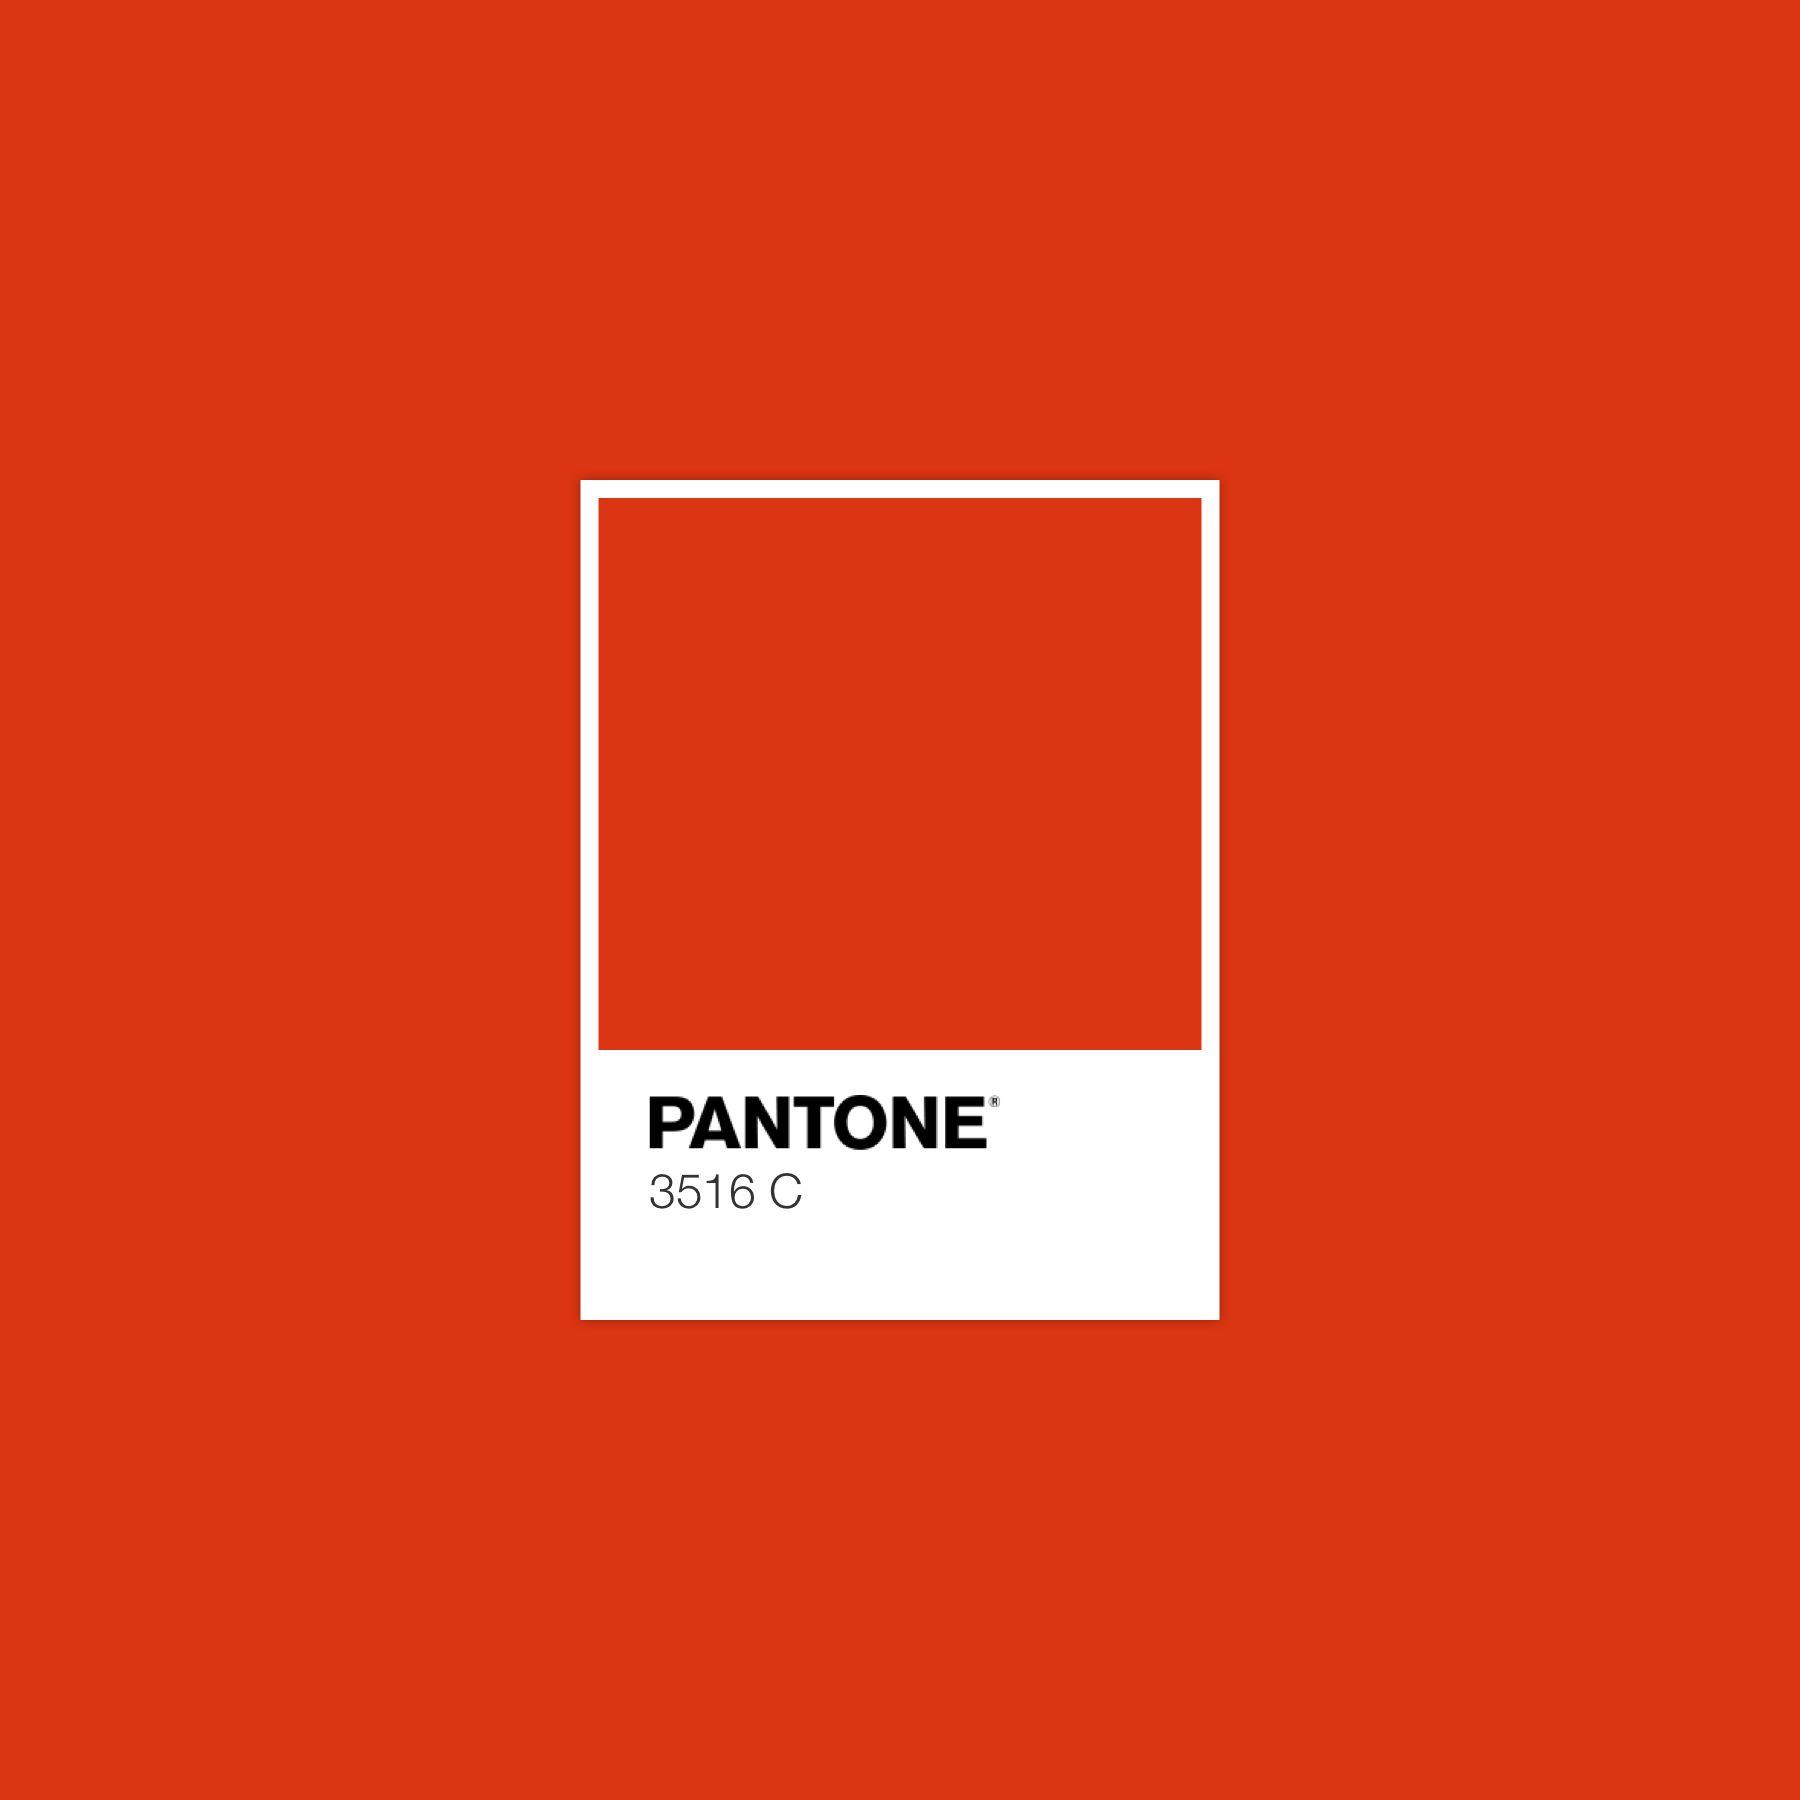 Pantone Dark Peach Luxurydotcom With Images Pantone Red